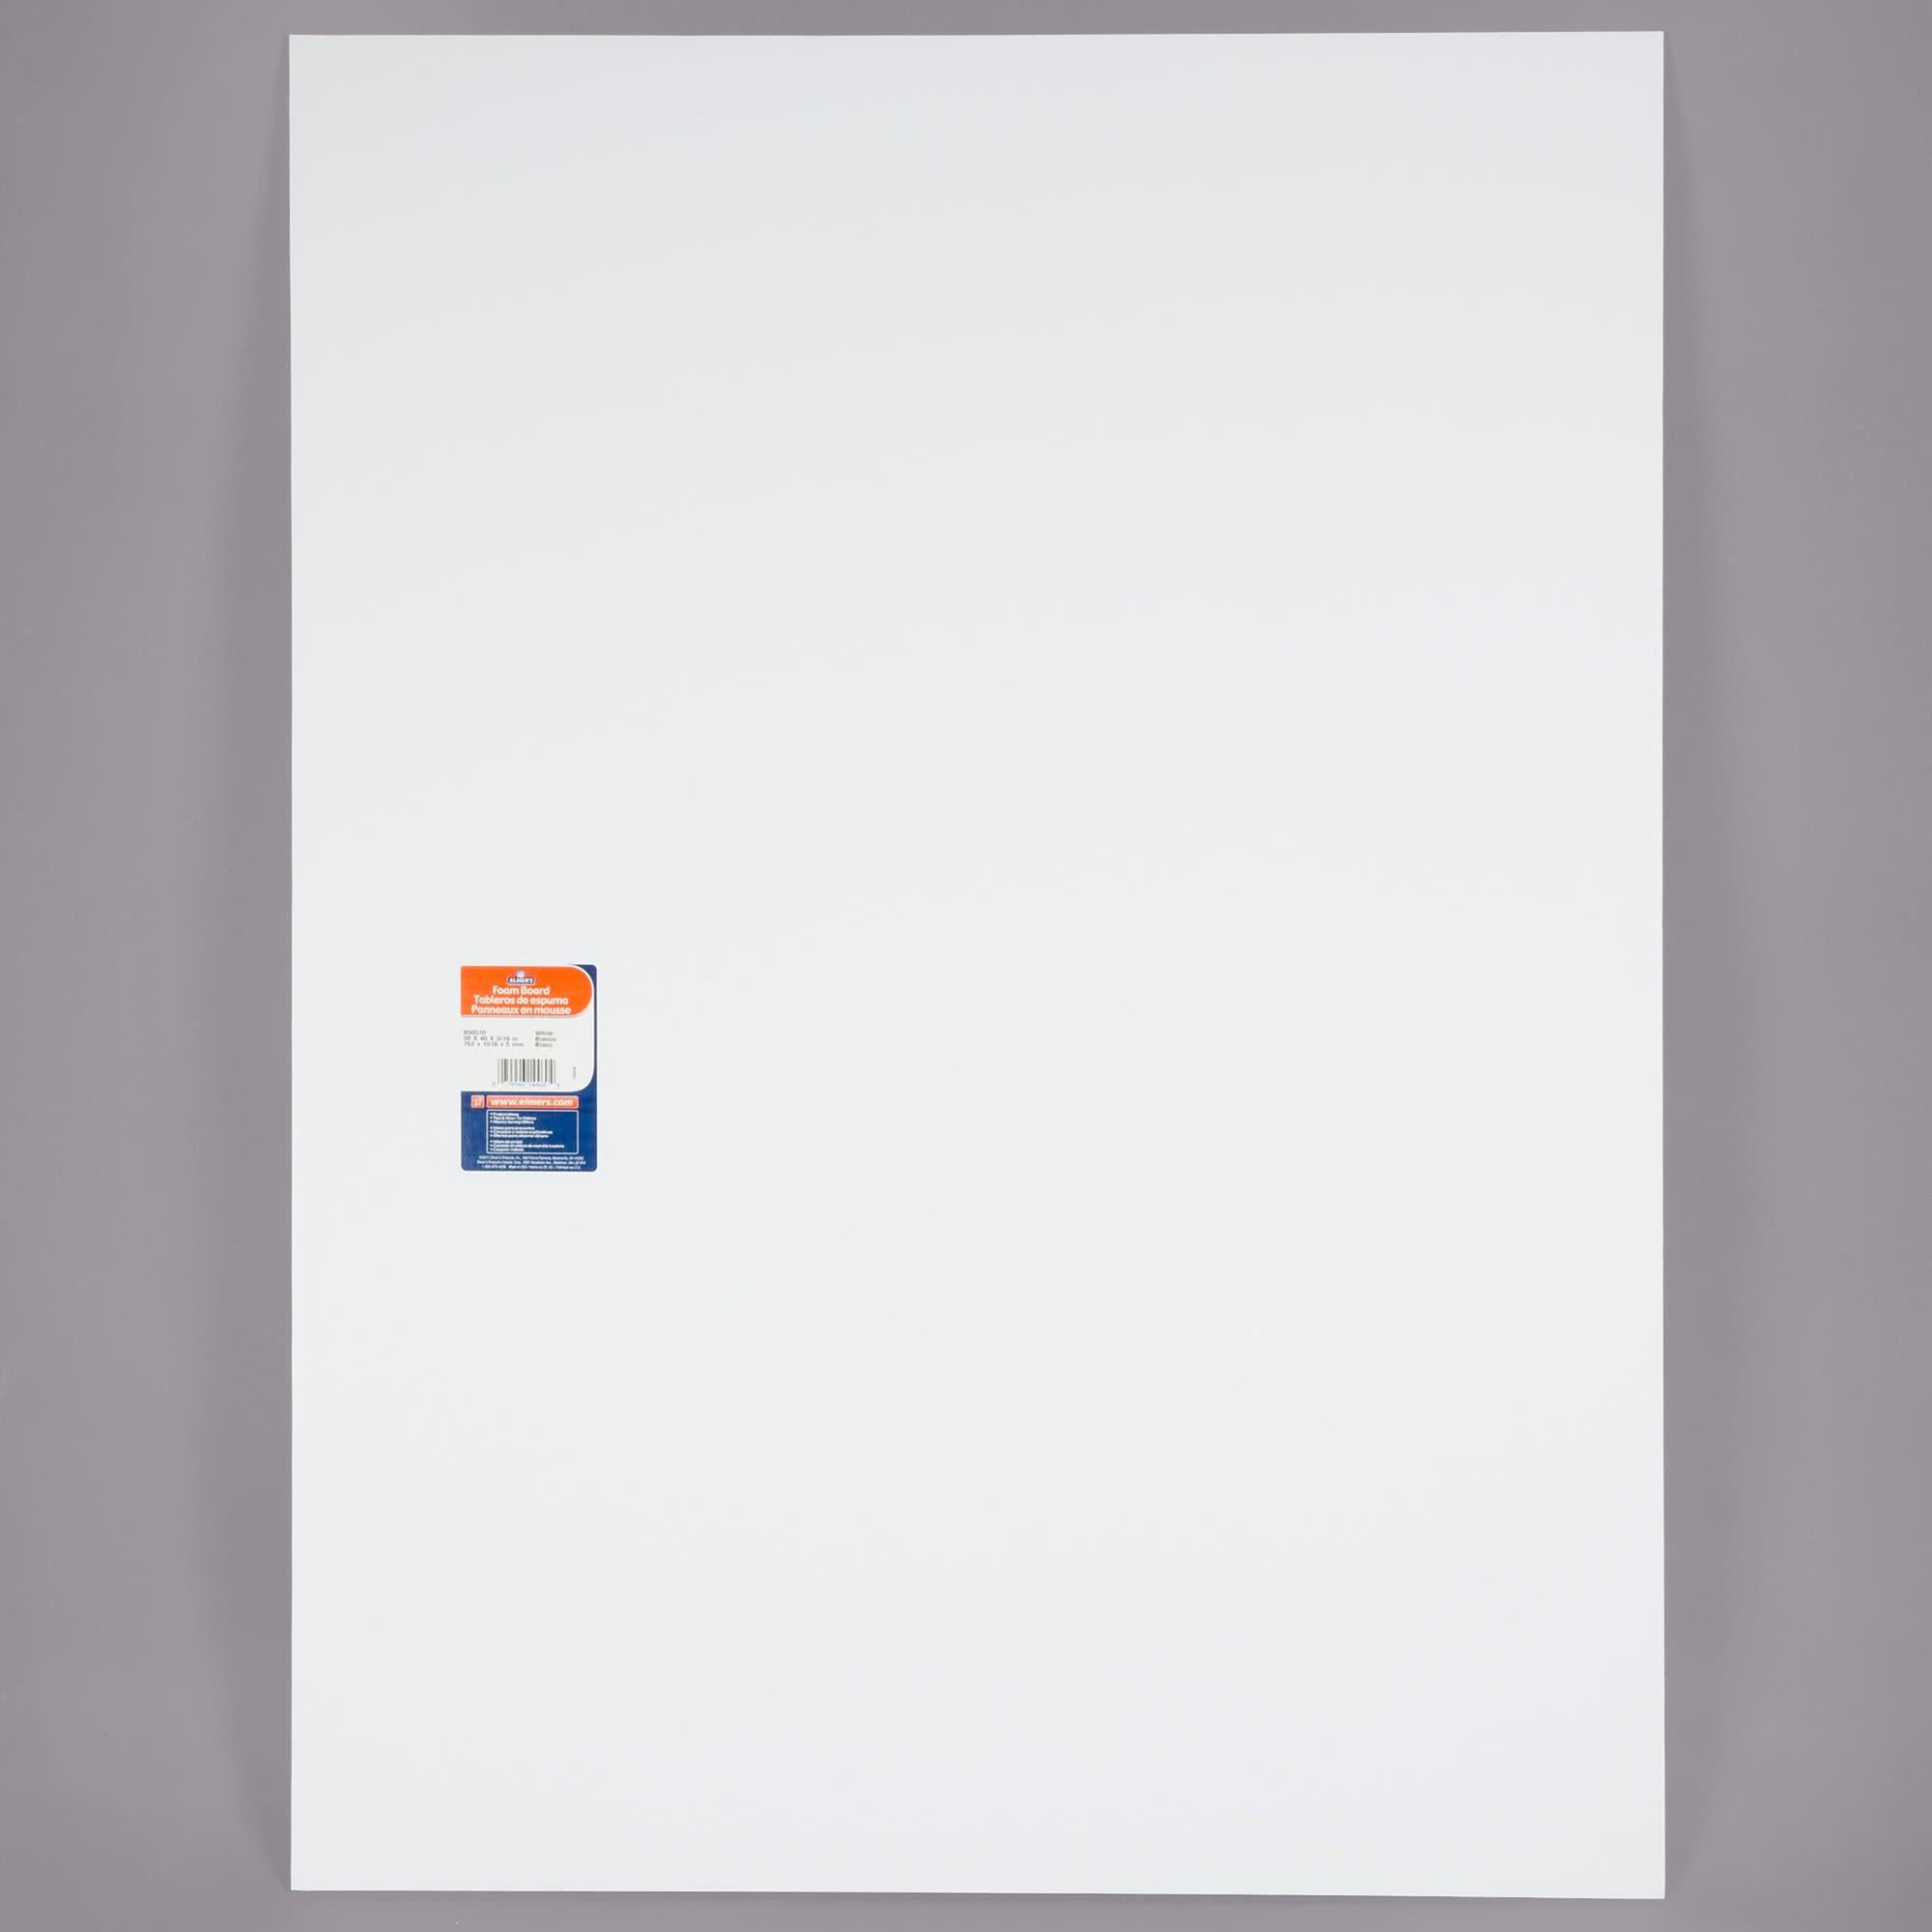 TableTop King 950510 30'' x 40'' White Pre-Cut Foam Board - 25/Case